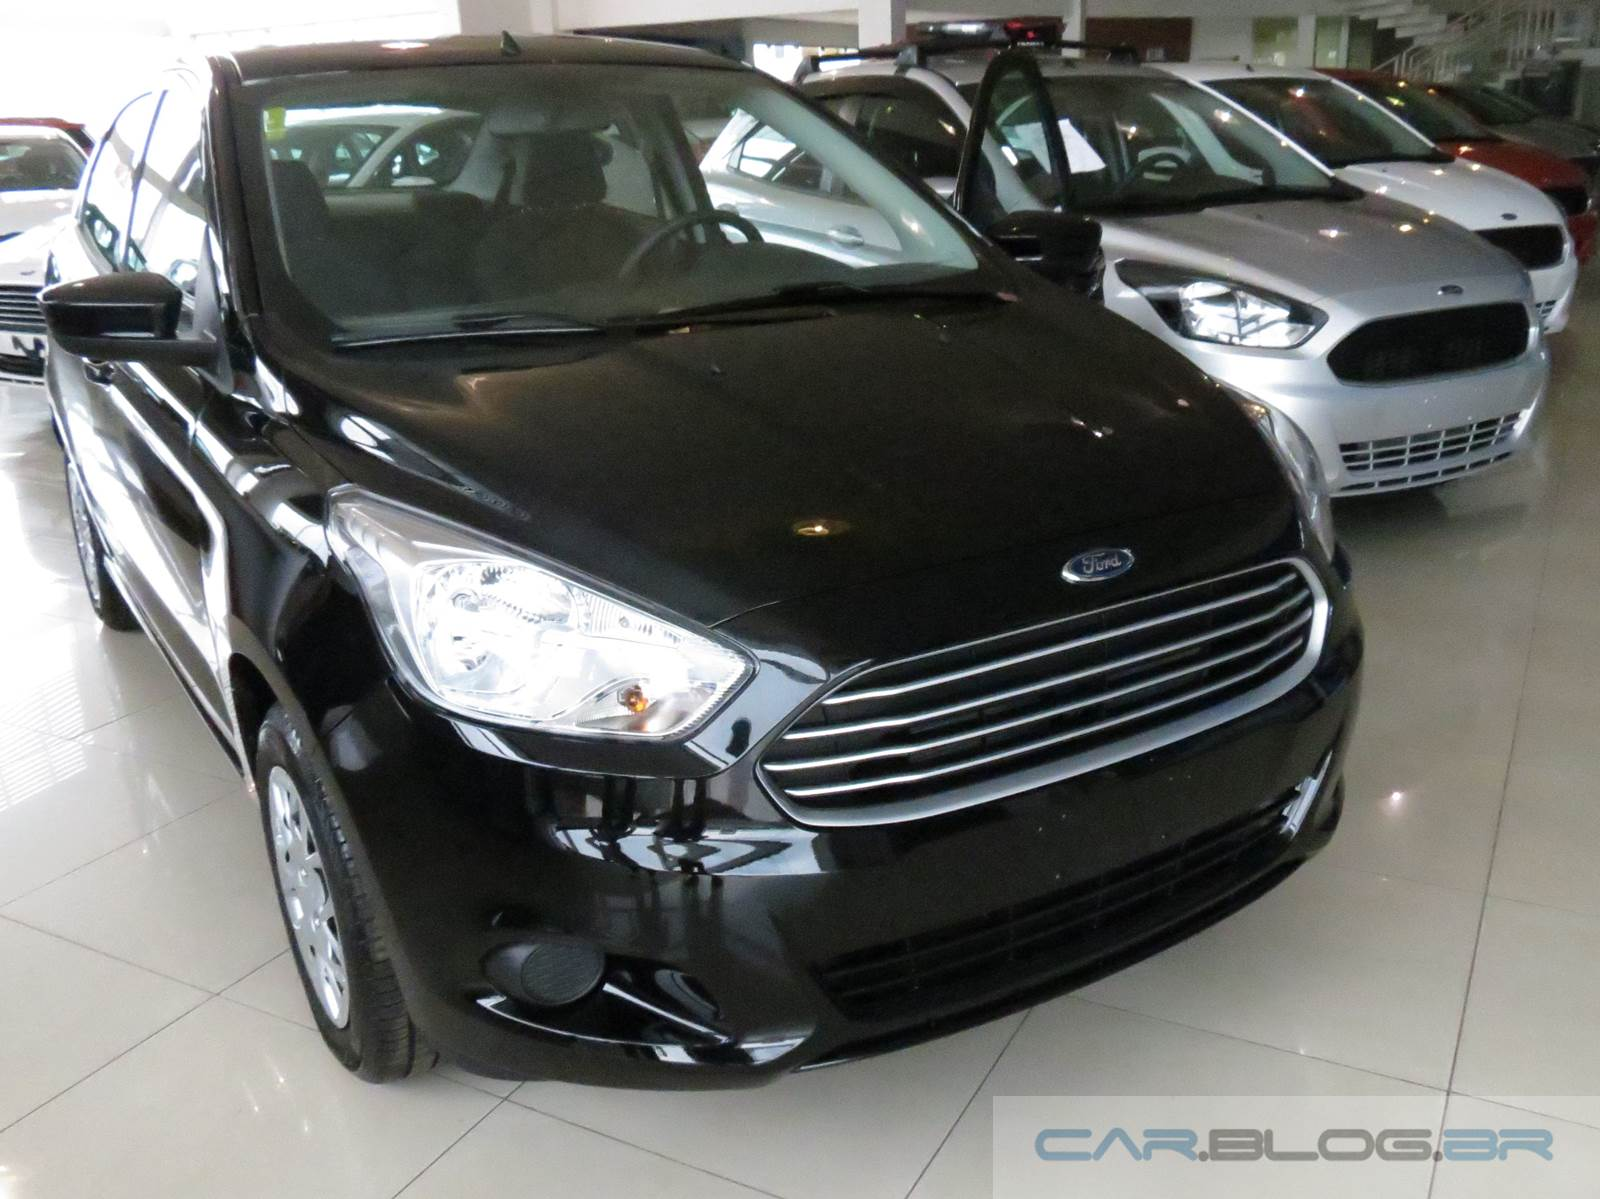 motor 1.5, o Ford Ka+ Sedan SE 1.5, que é o carro preto das imagens